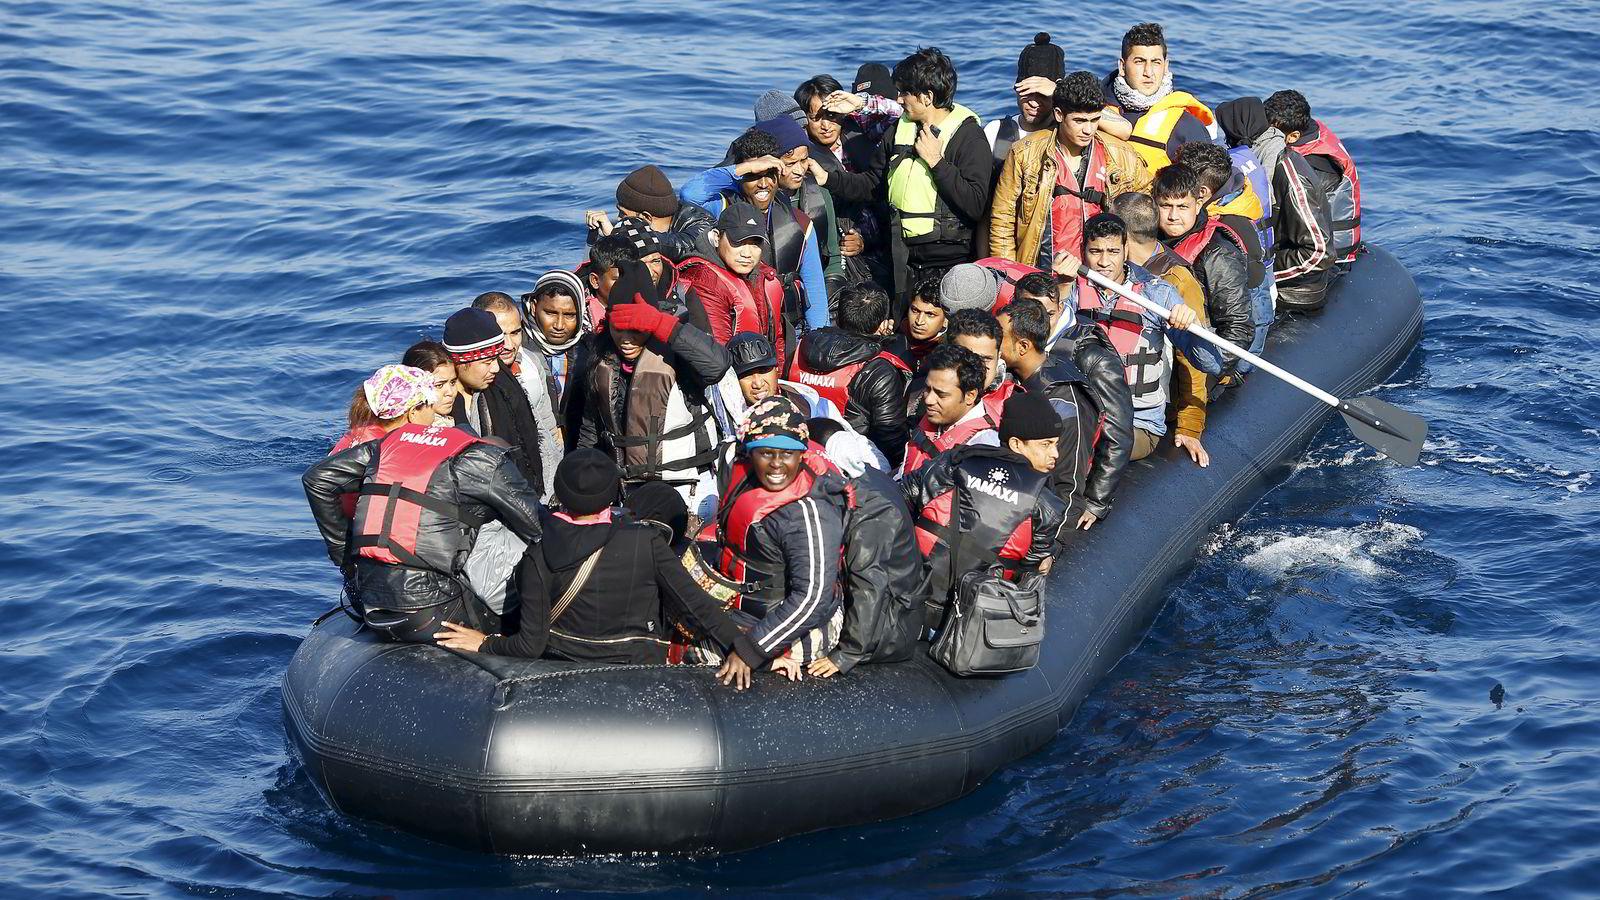 8. november, 2015: Flyktninger i en lettbåt på vei til den greske øya Lesbos fra Tyrkia. Foto: REUTERS/Umit Bektas